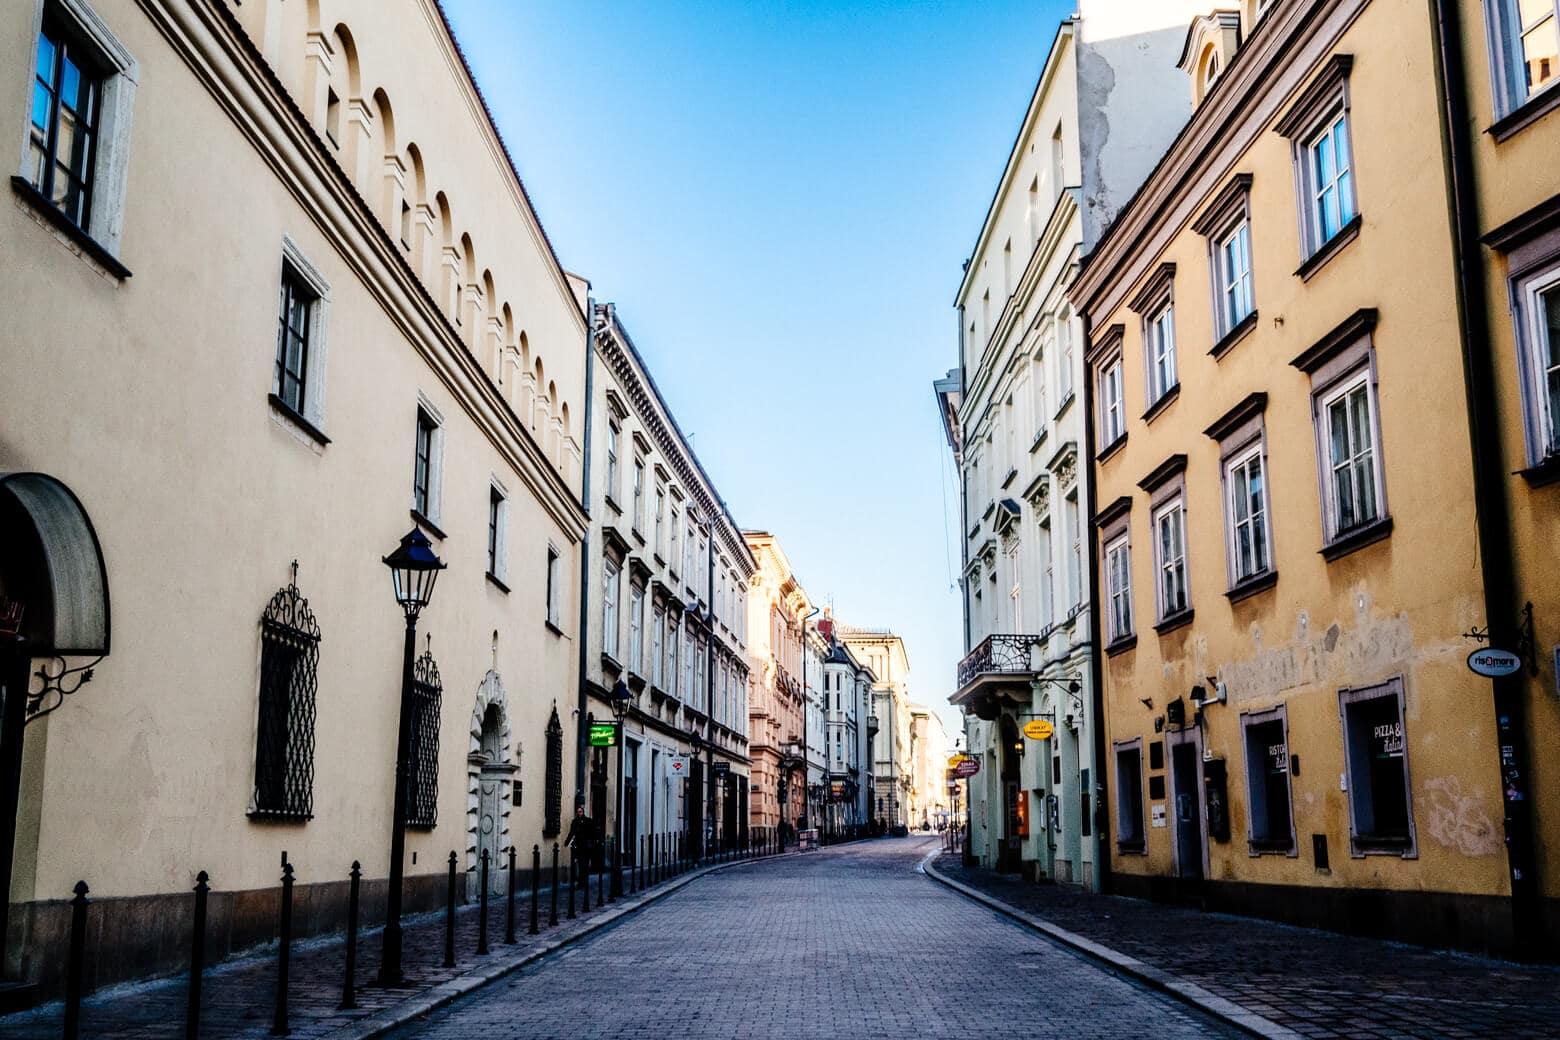 Krakow's Back Streets